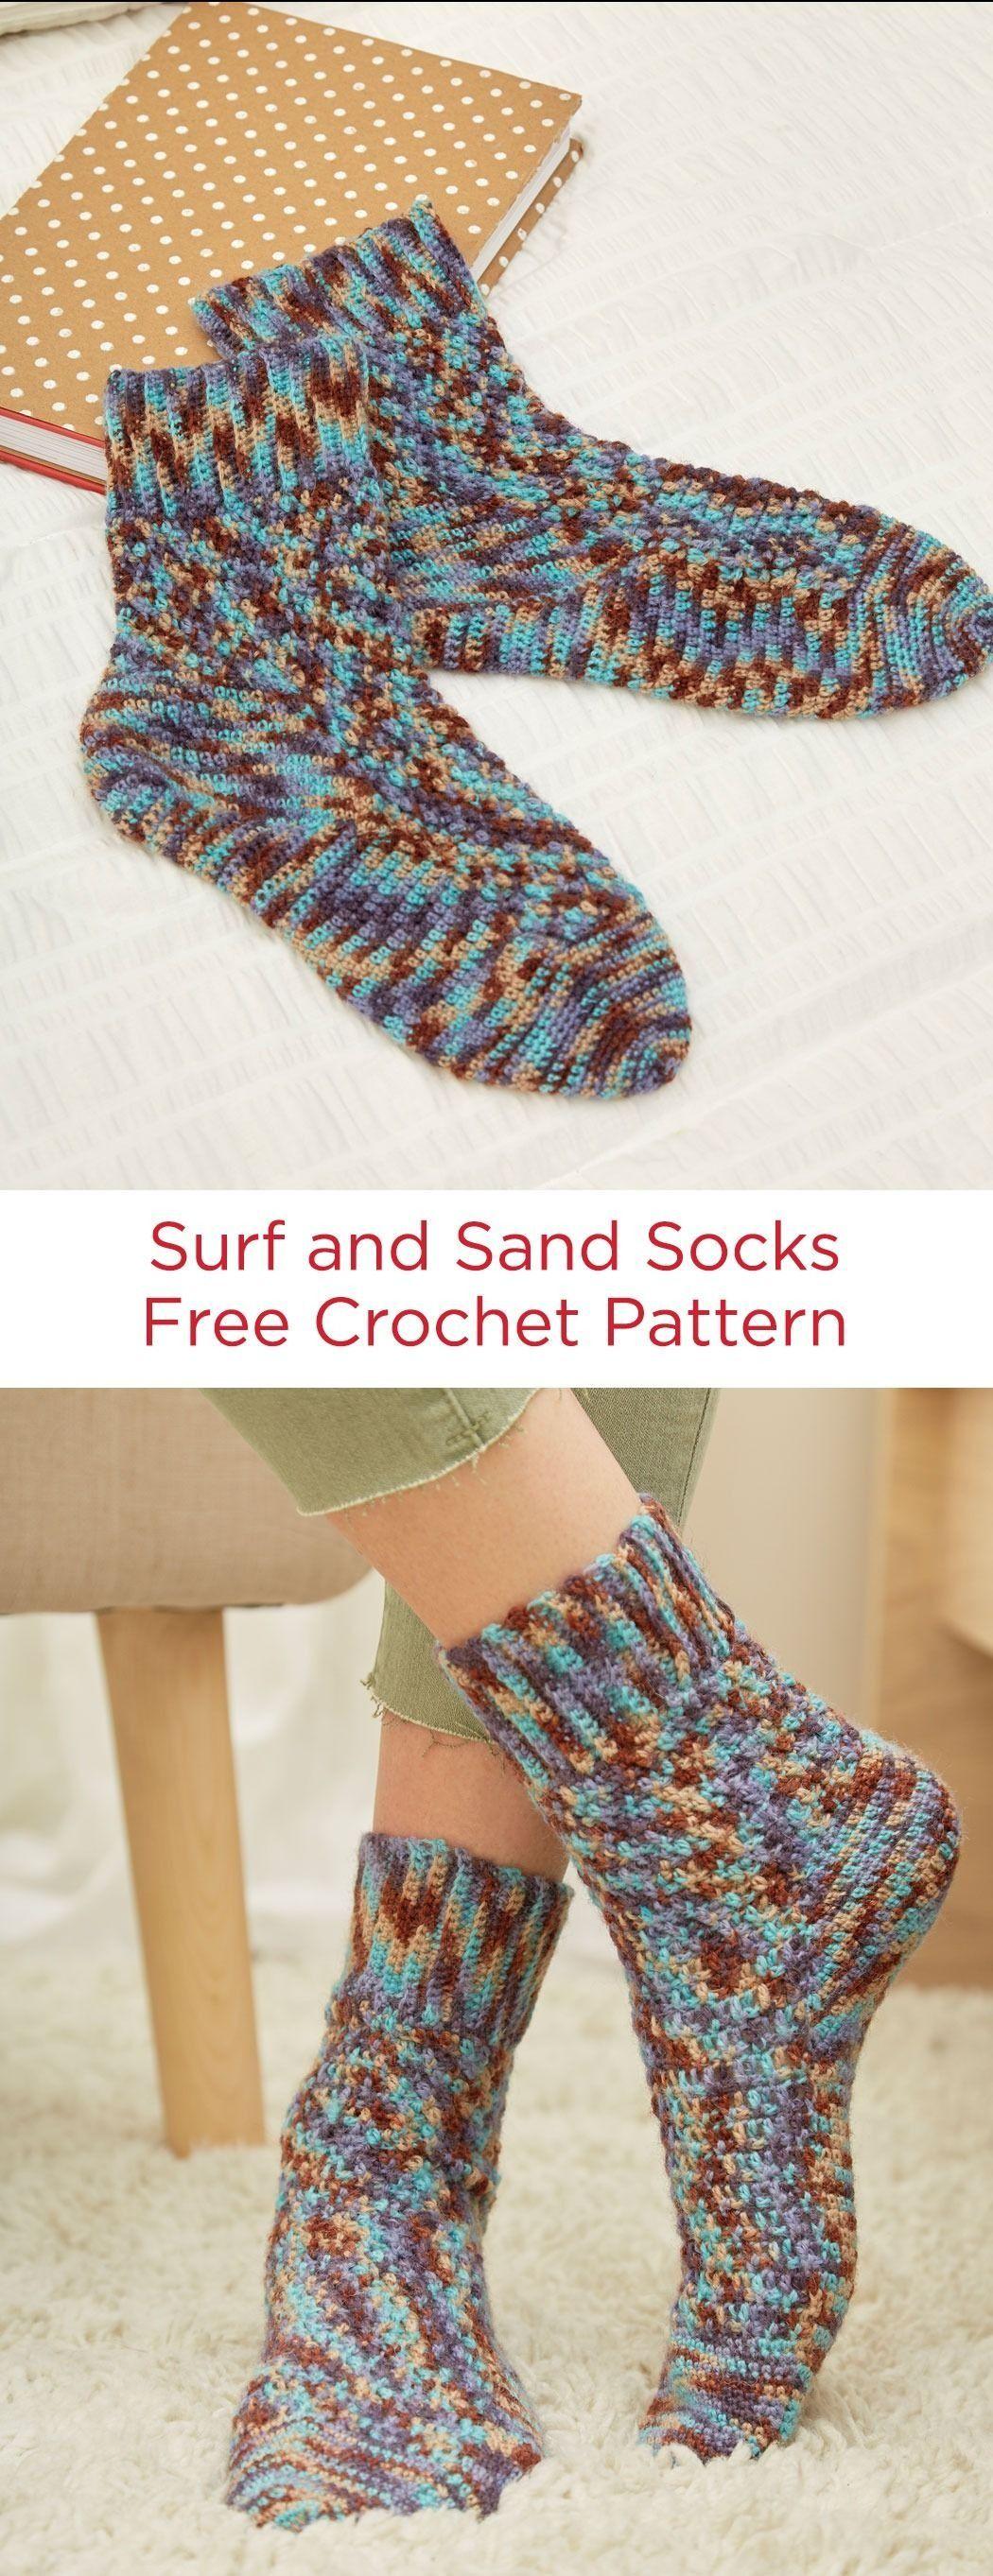 Free Crochet Socks Pattern Red Heart Yarn Heart & Sole Yarn ...